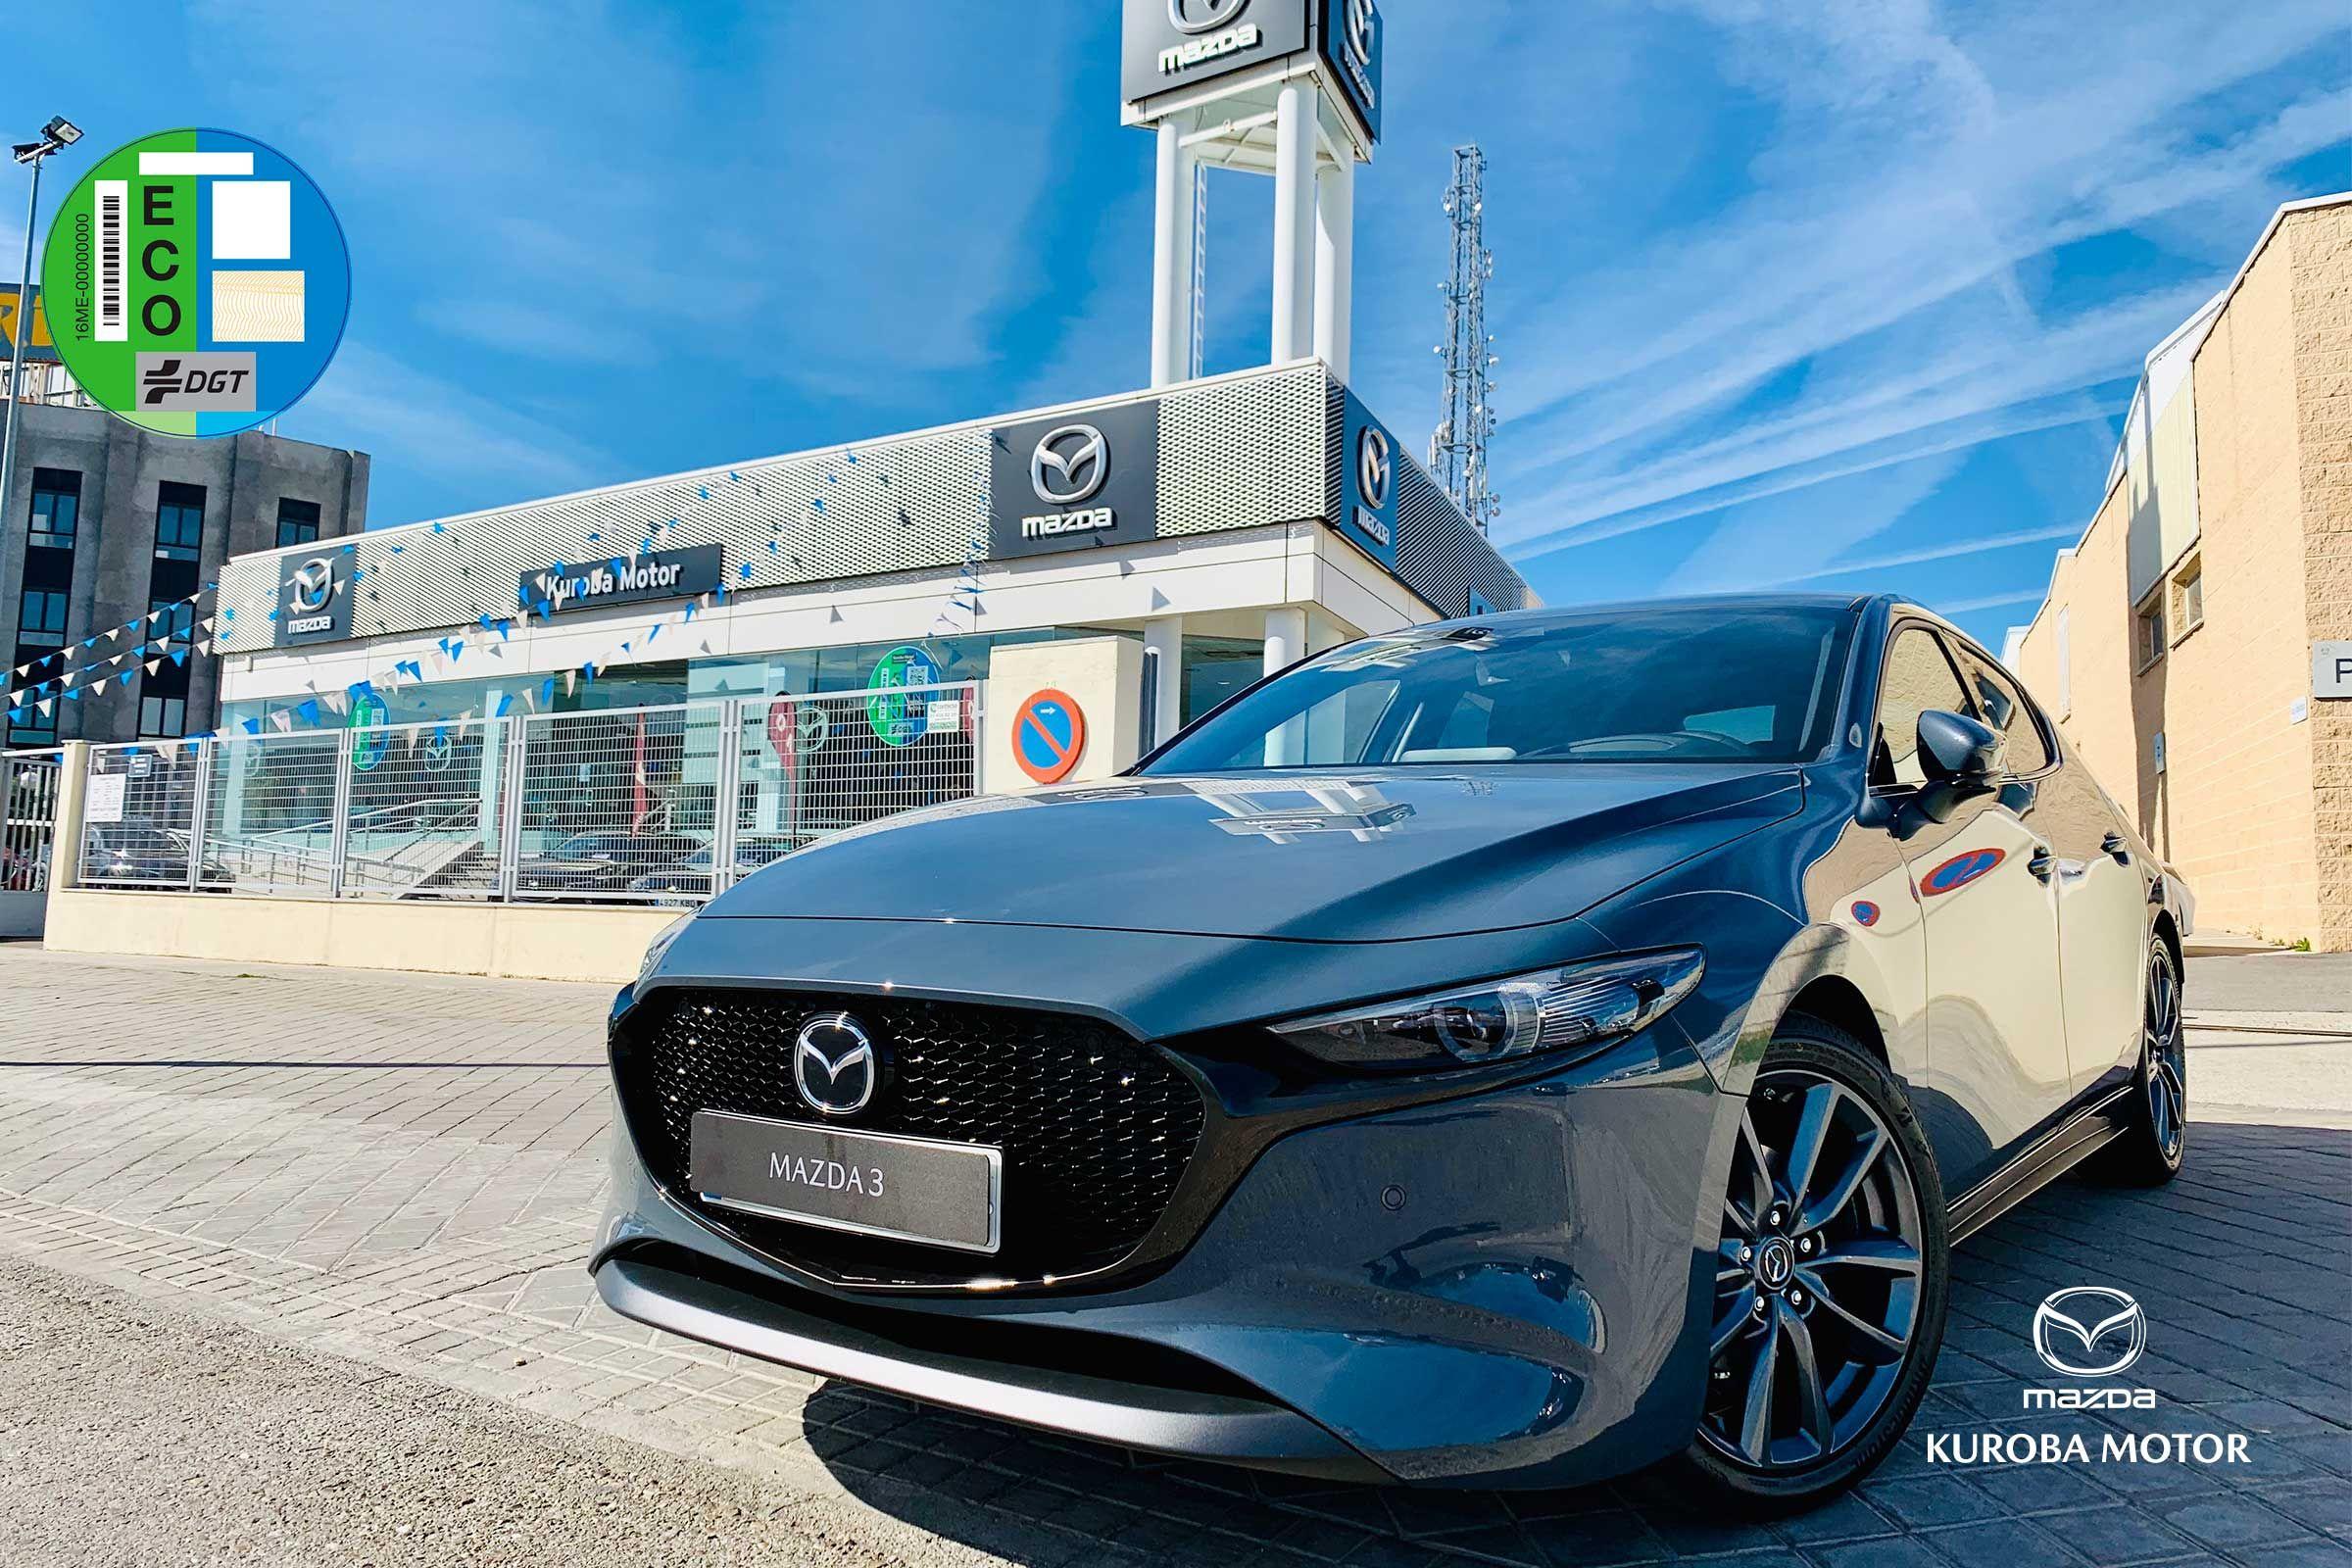 ¡RENTING! Nuevo Mazda 3 por 329,95 €/mes